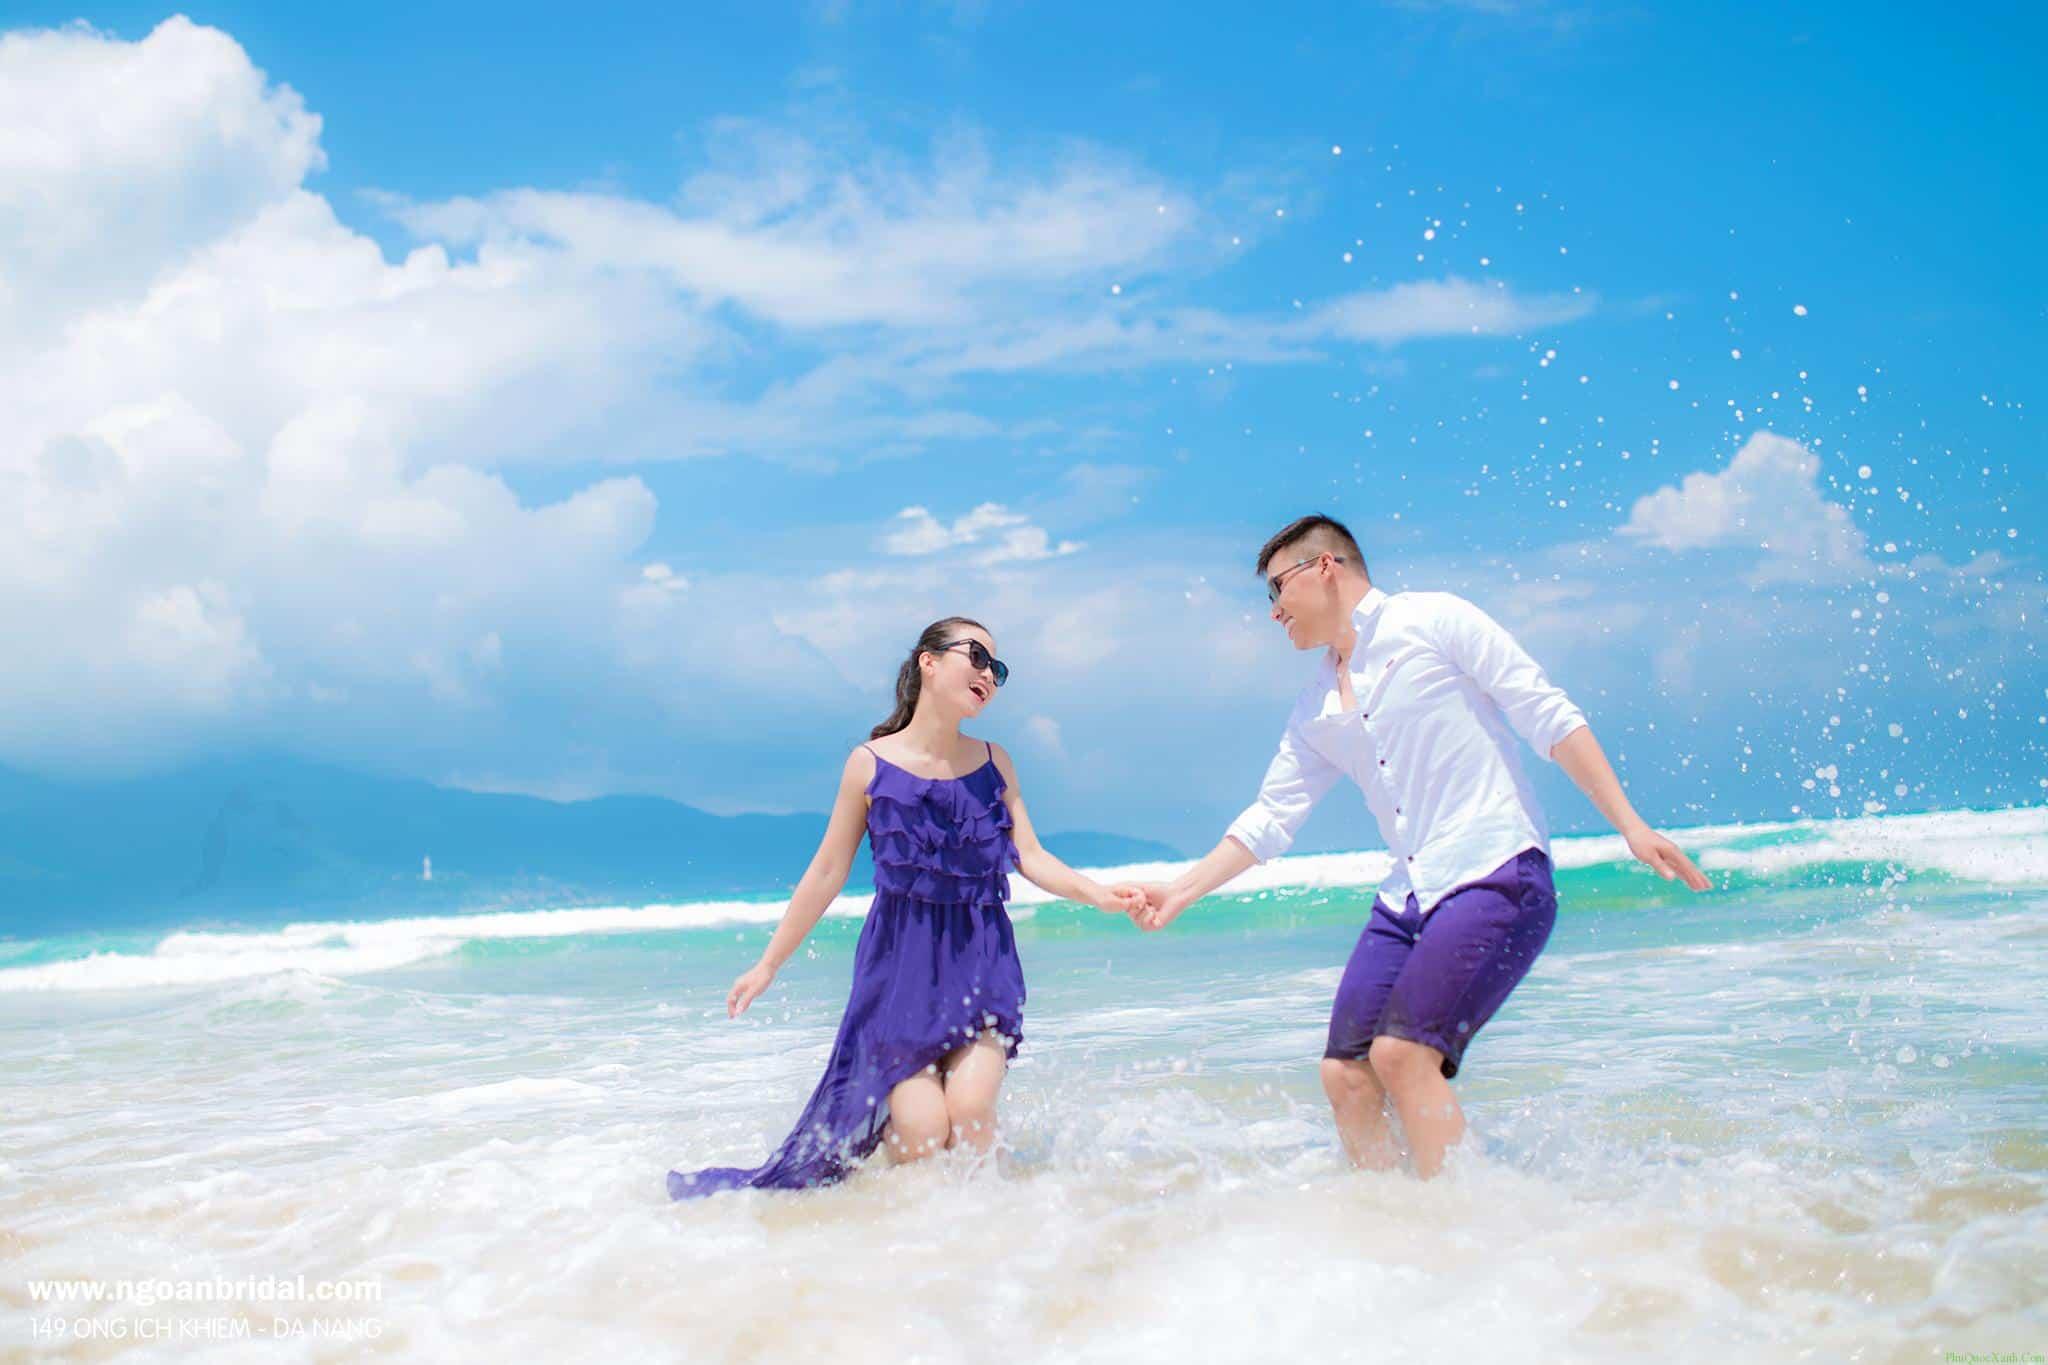 Được tung tăng vẫy vùng giữa biển khơi là một trong những giây phút lãng mạn nhất khi chụp ảnh cưới ở Phú Quốc. Ảnh:phuquocxanh.com